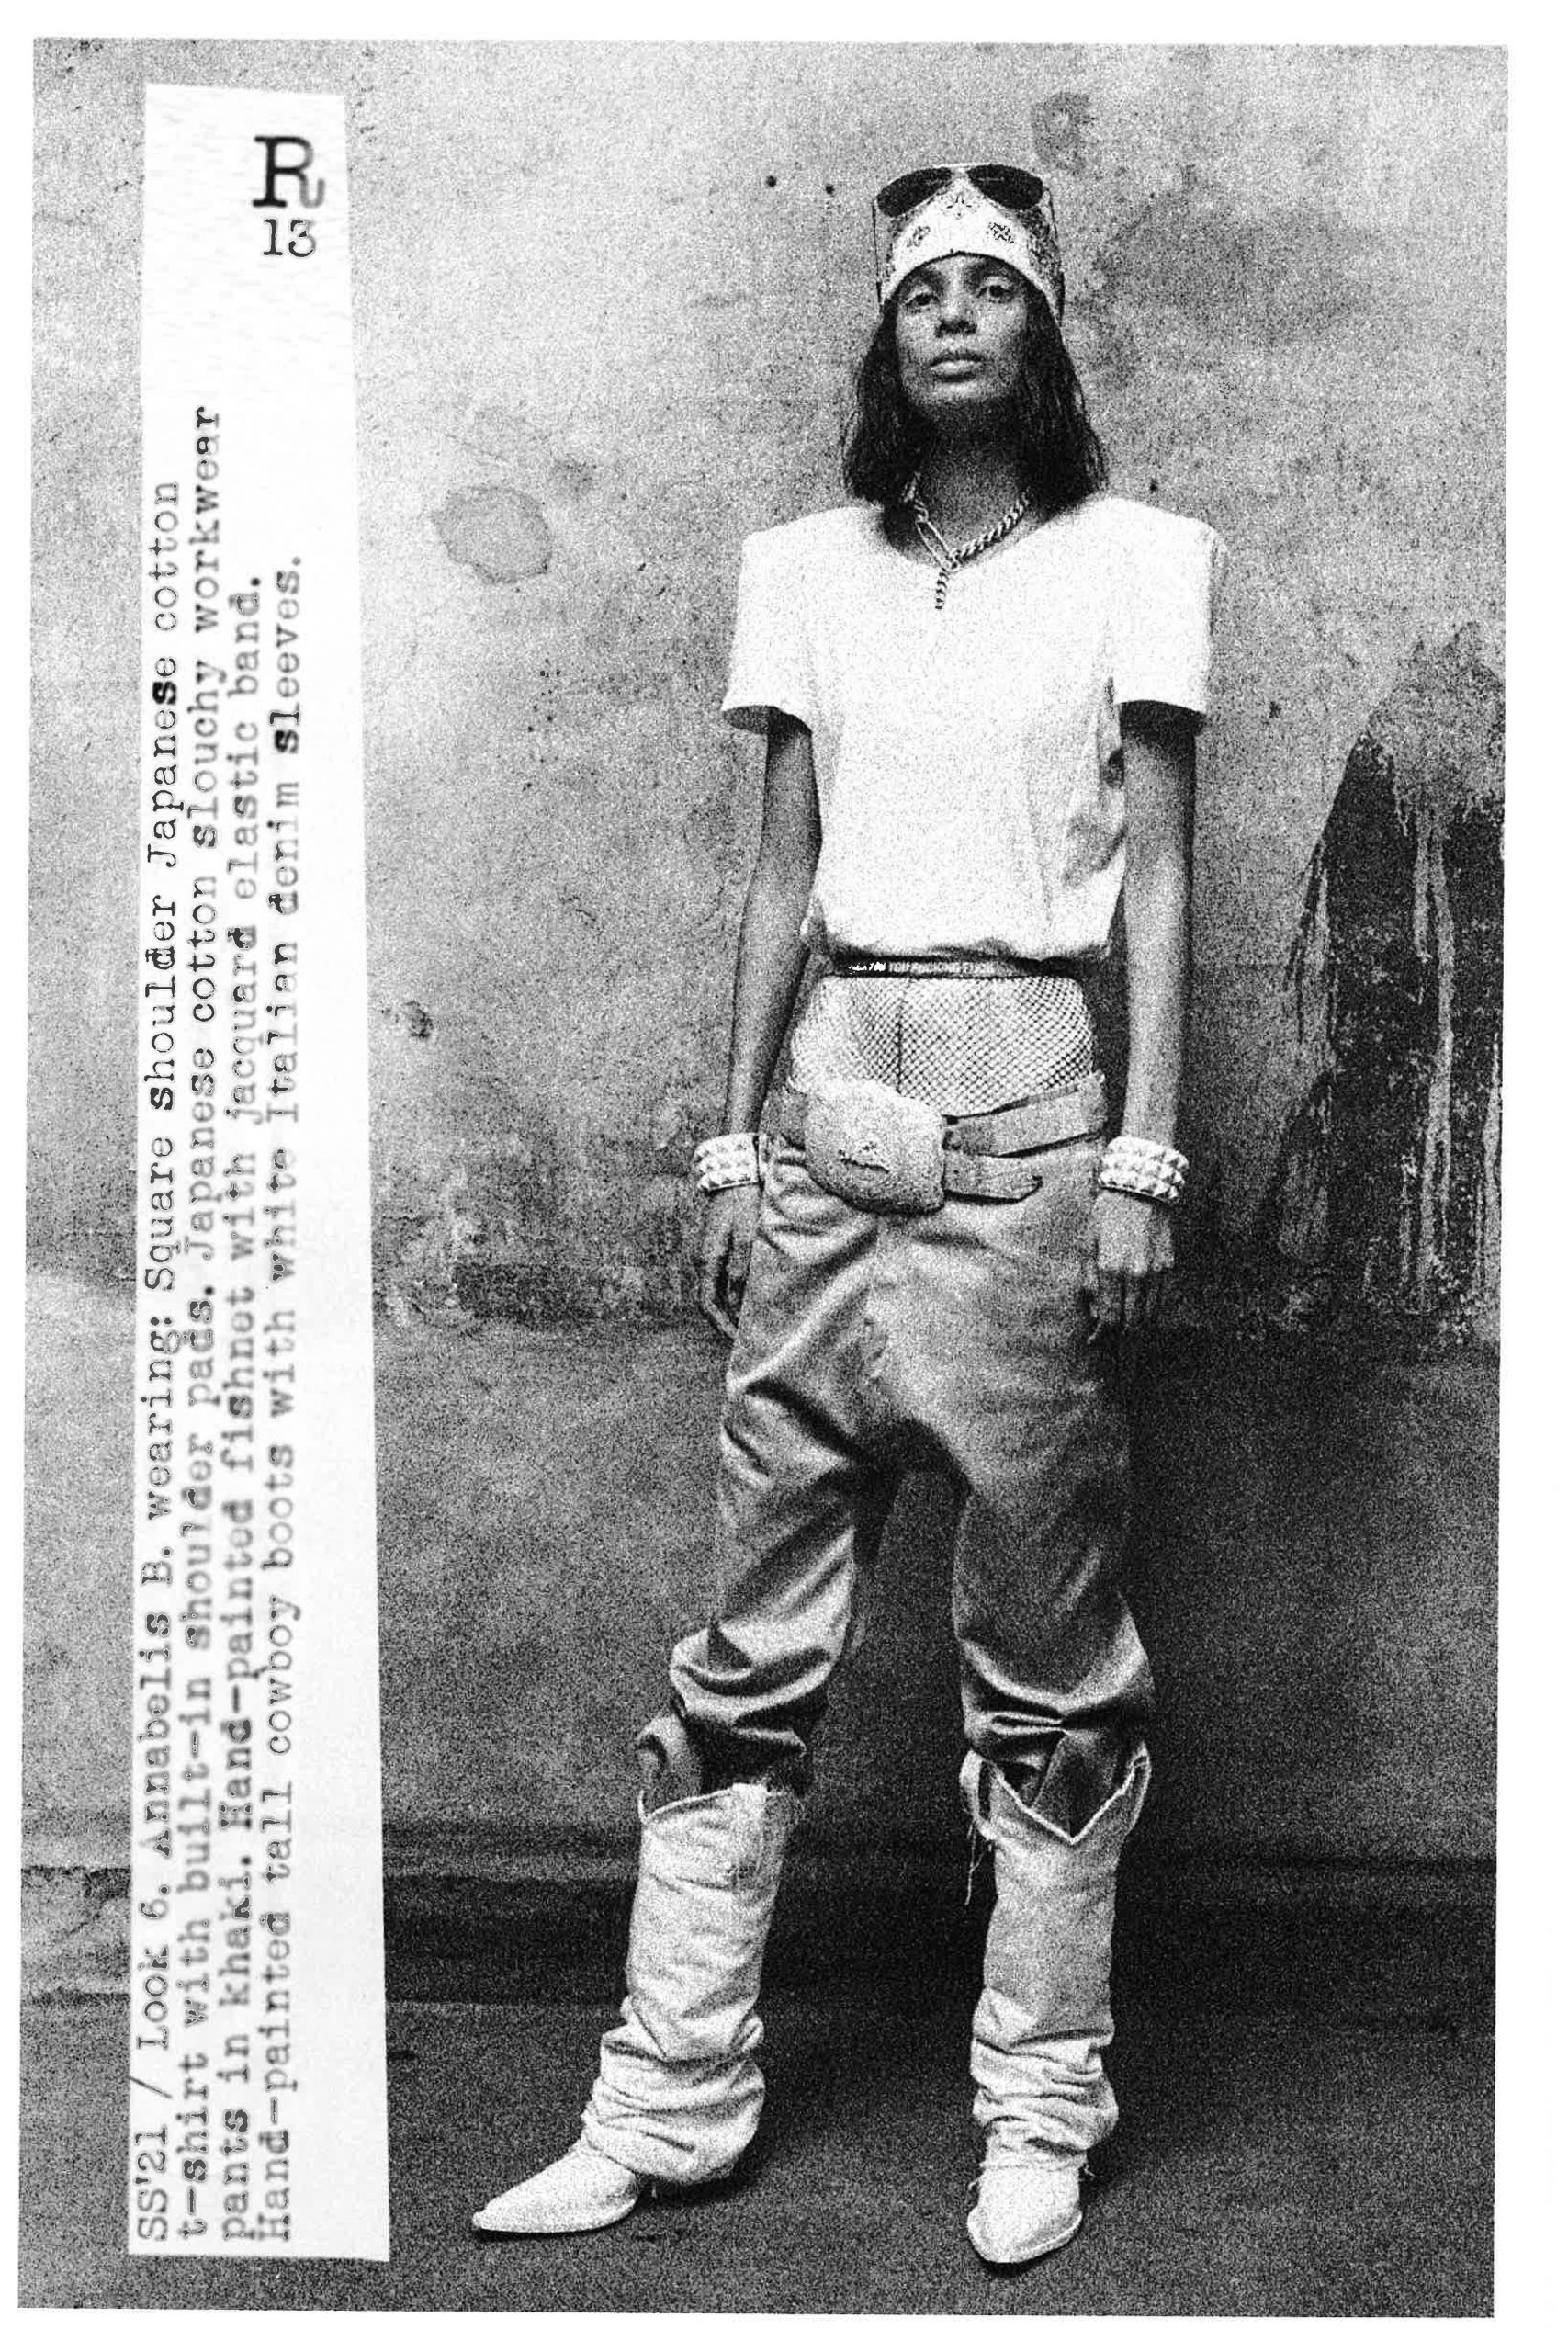 R13 Spring 2021 Fashion Collection Photos